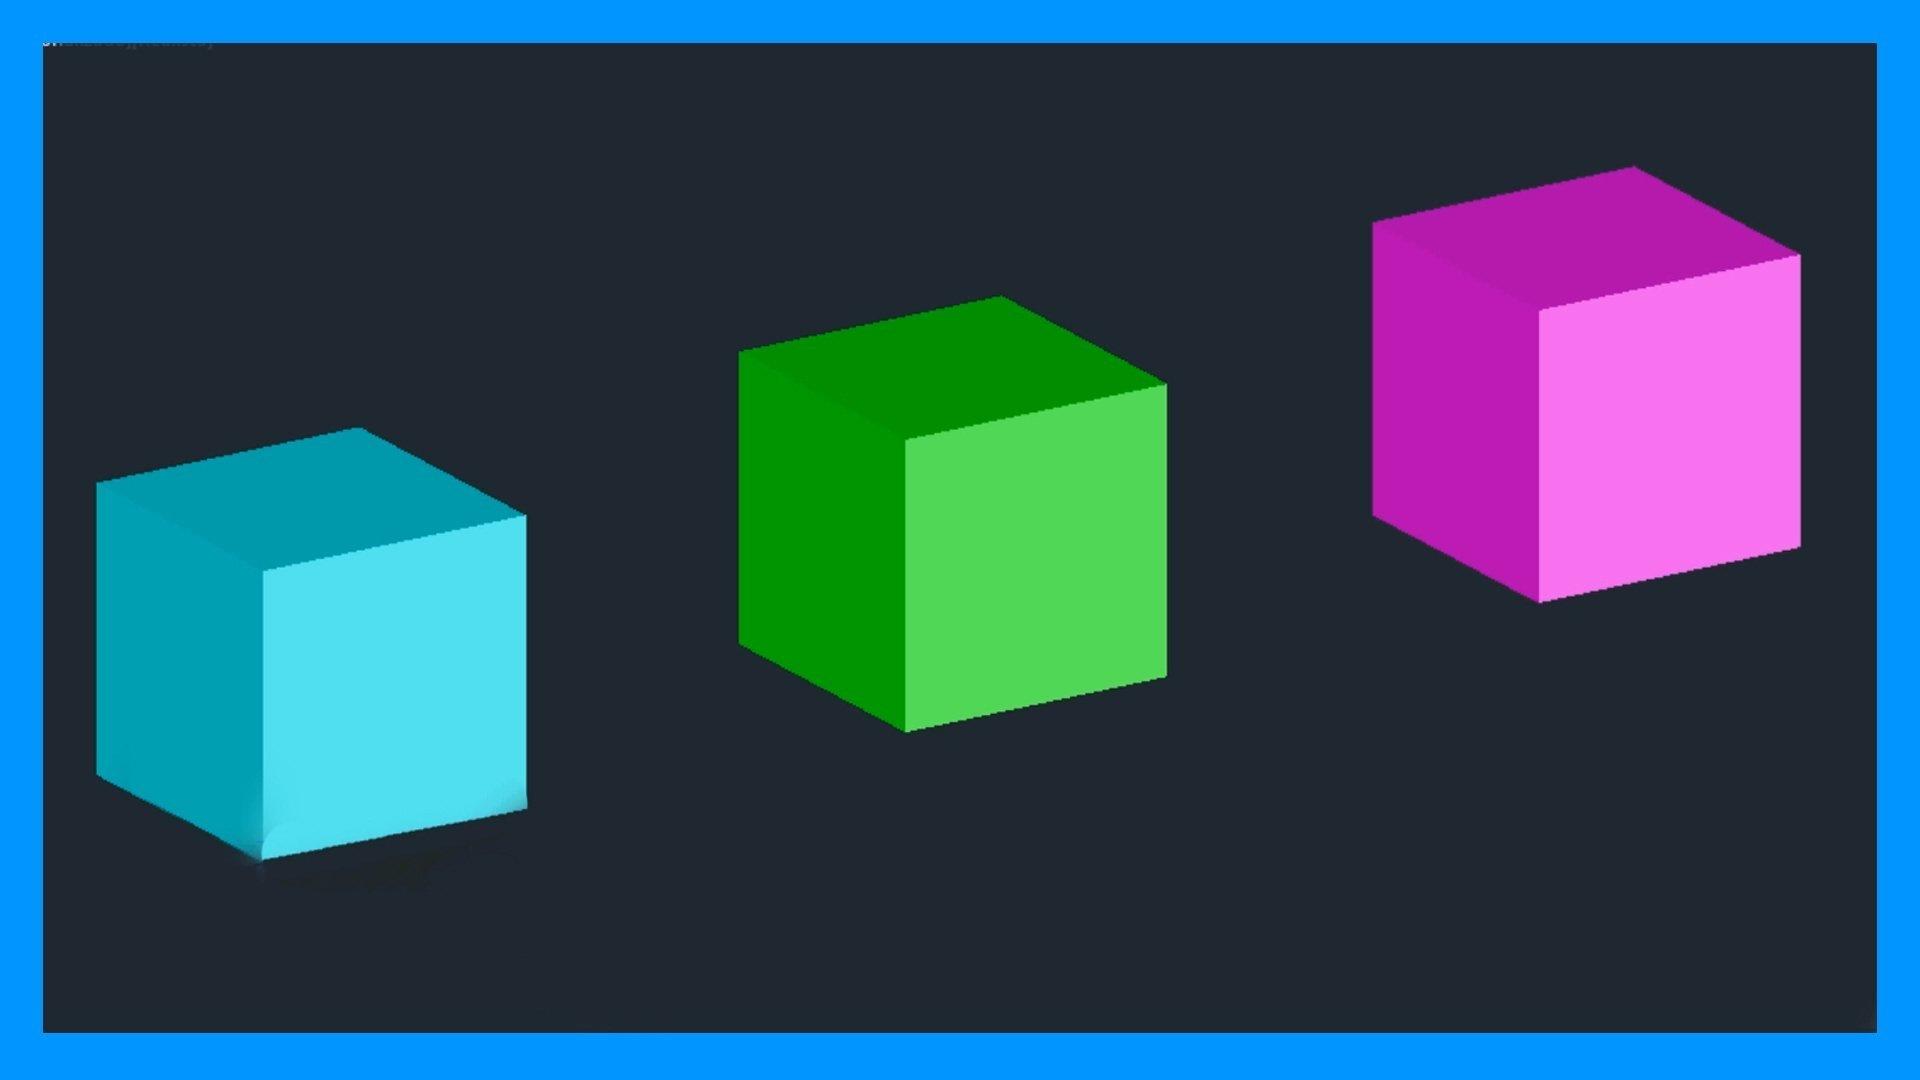 Autocad – Modificar caras, aristas y vértices de sólidos 3D.